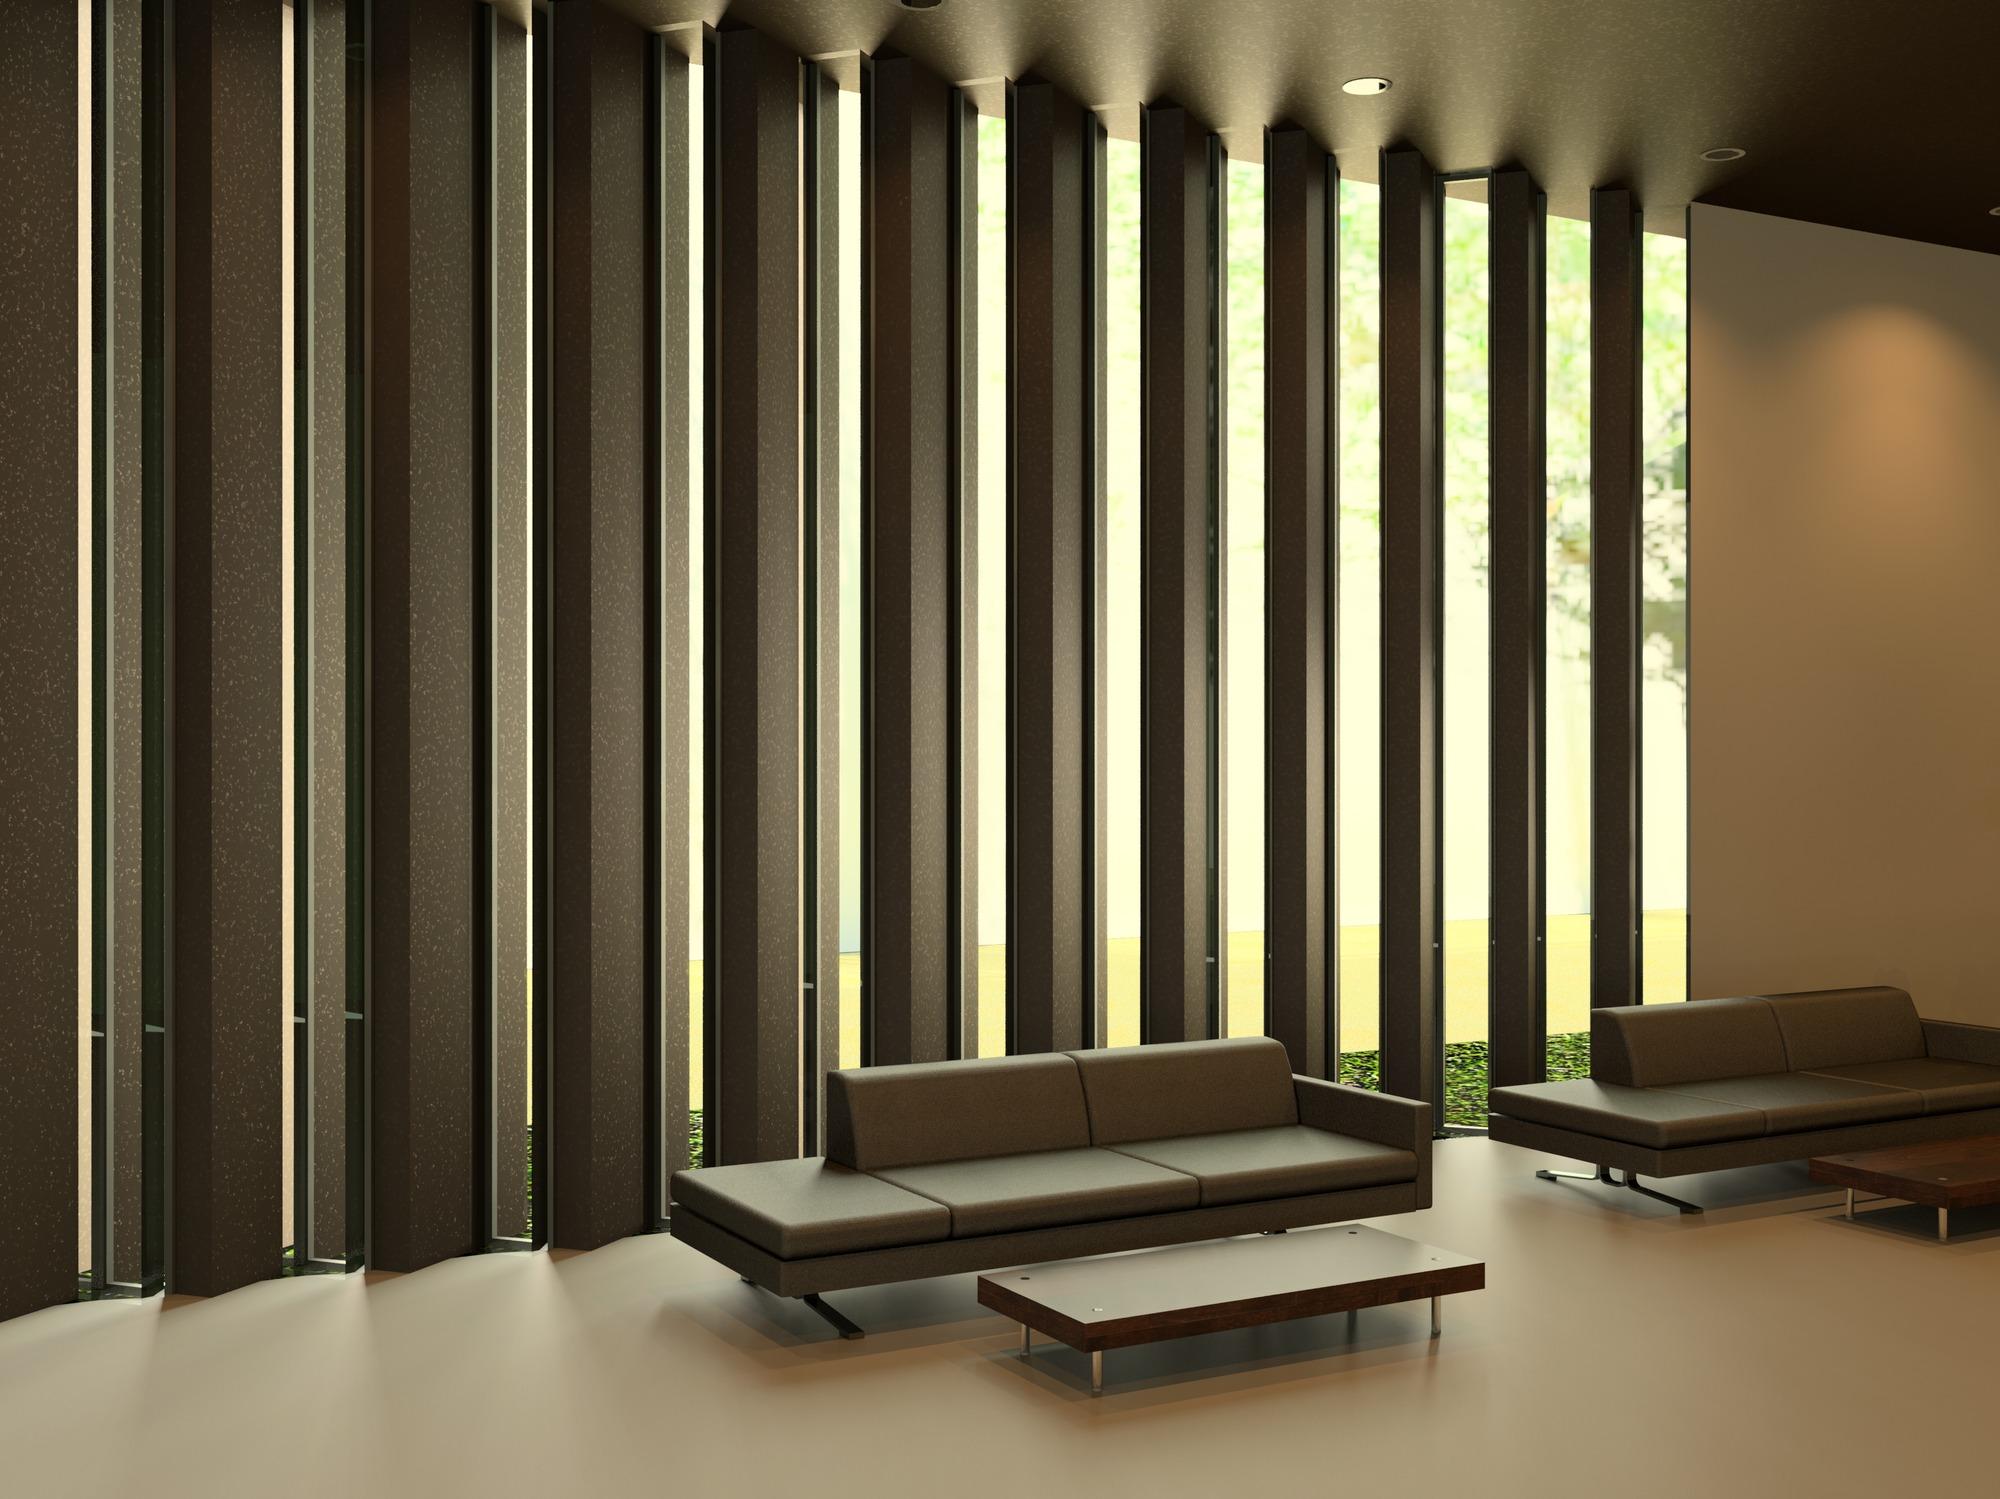 Raas-rendering20141009-2354-1hu7mue